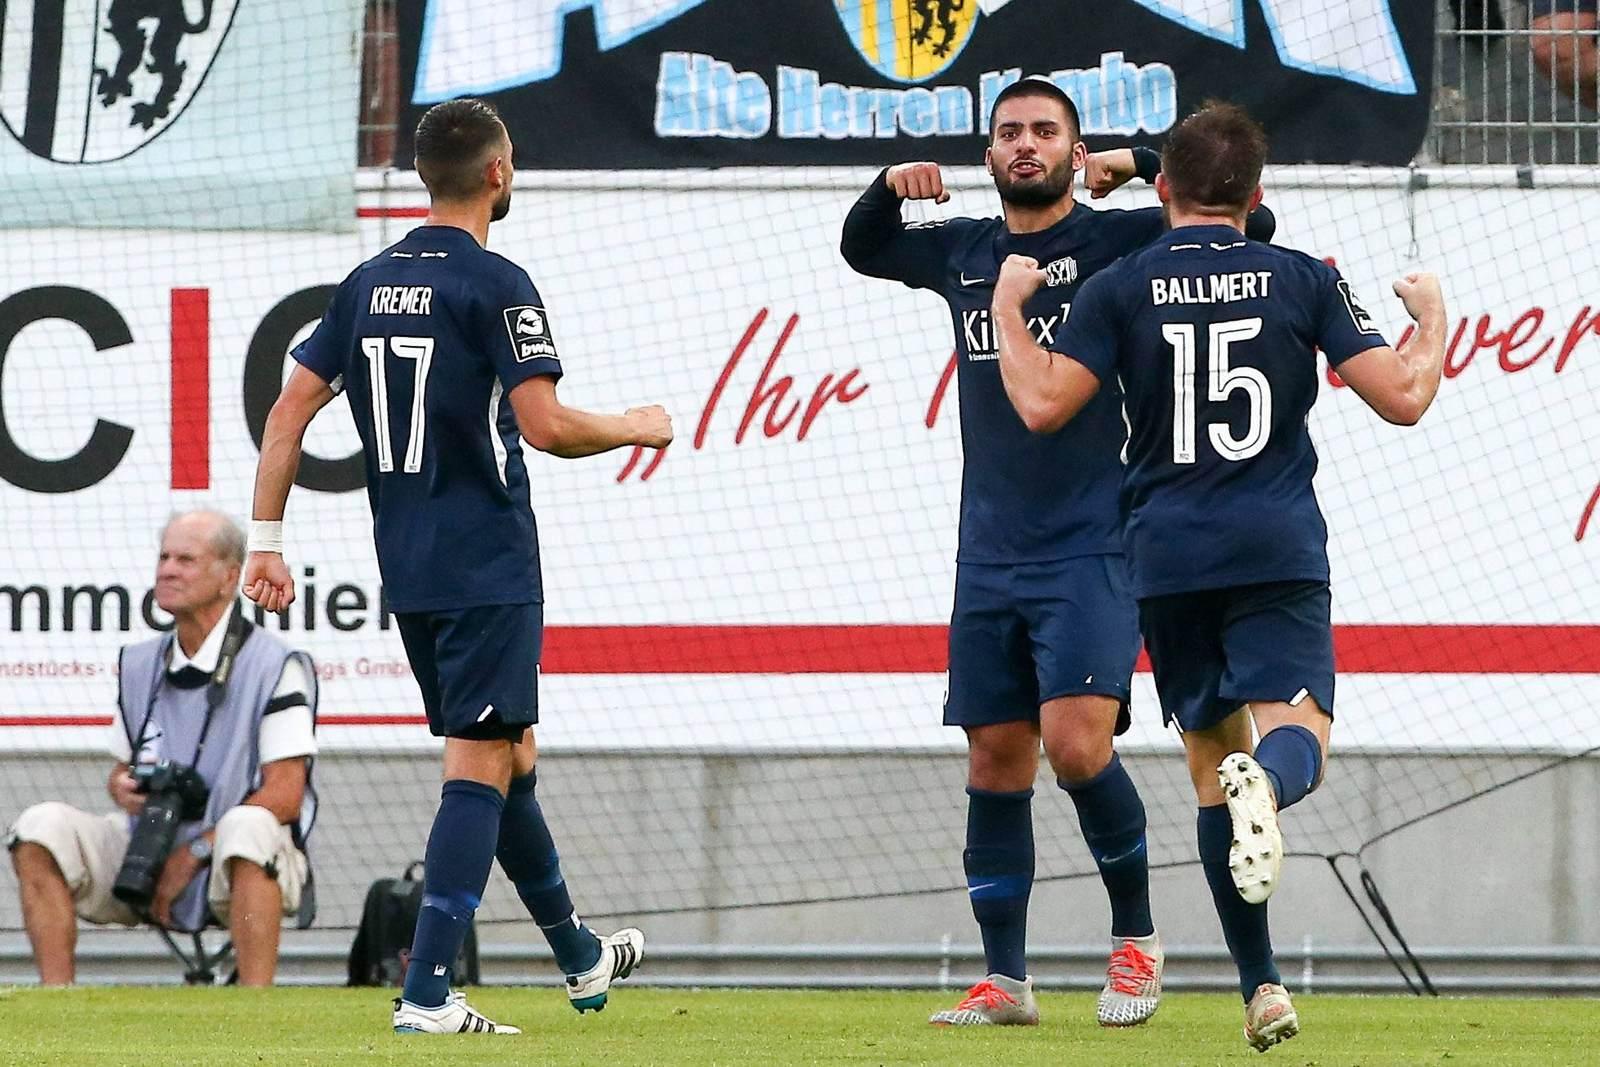 Max Kremer, Deniz Undav und Markus Ballmert vom SV Meppen